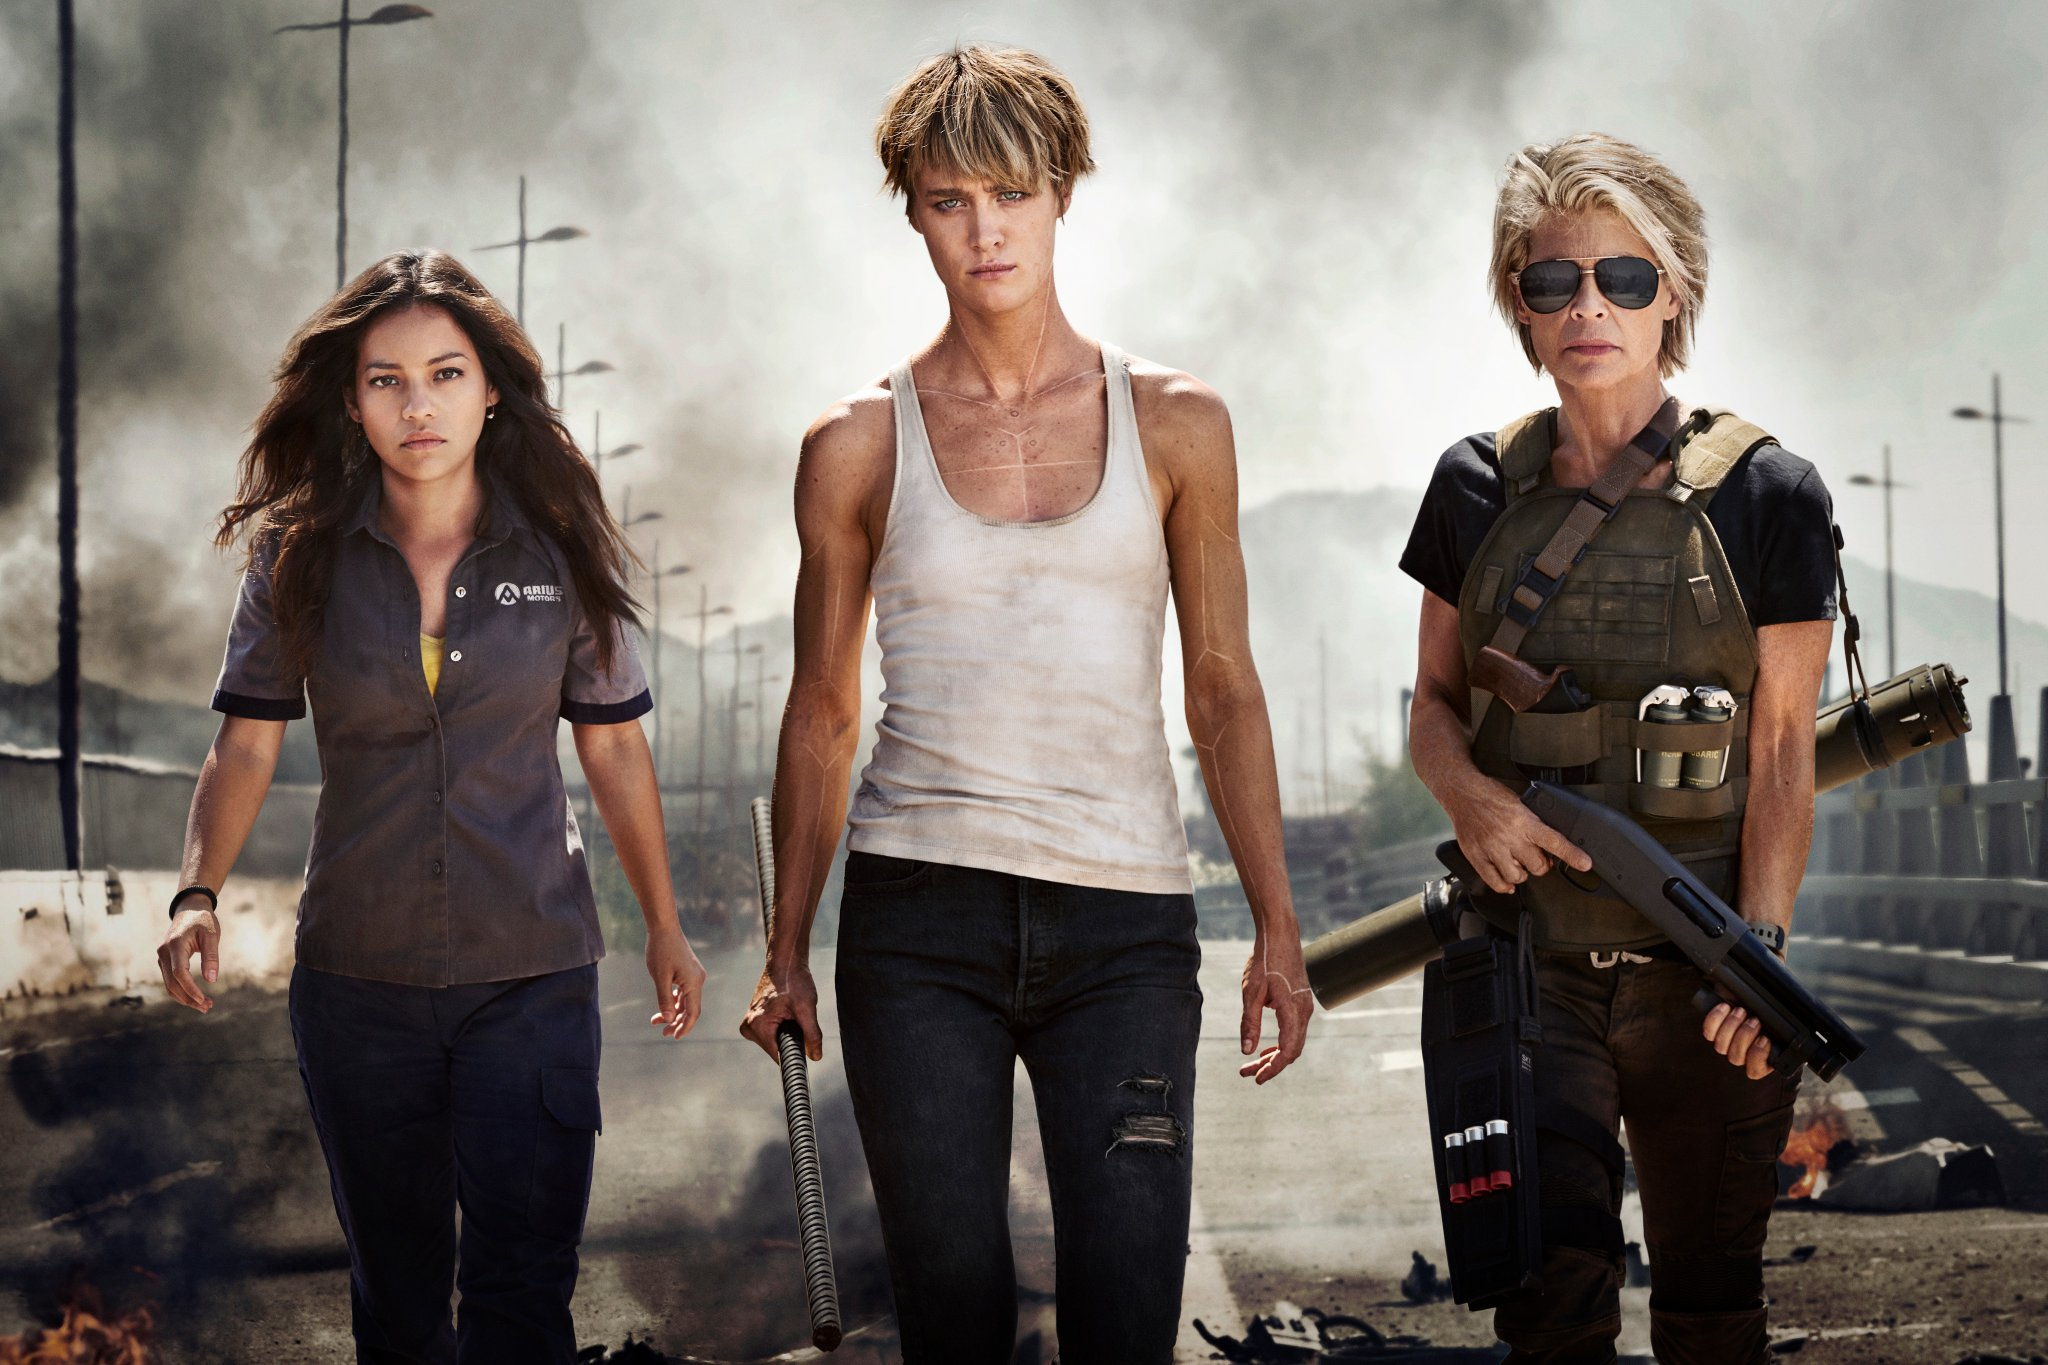 Terminator : première photo officielle avec les actrices principales